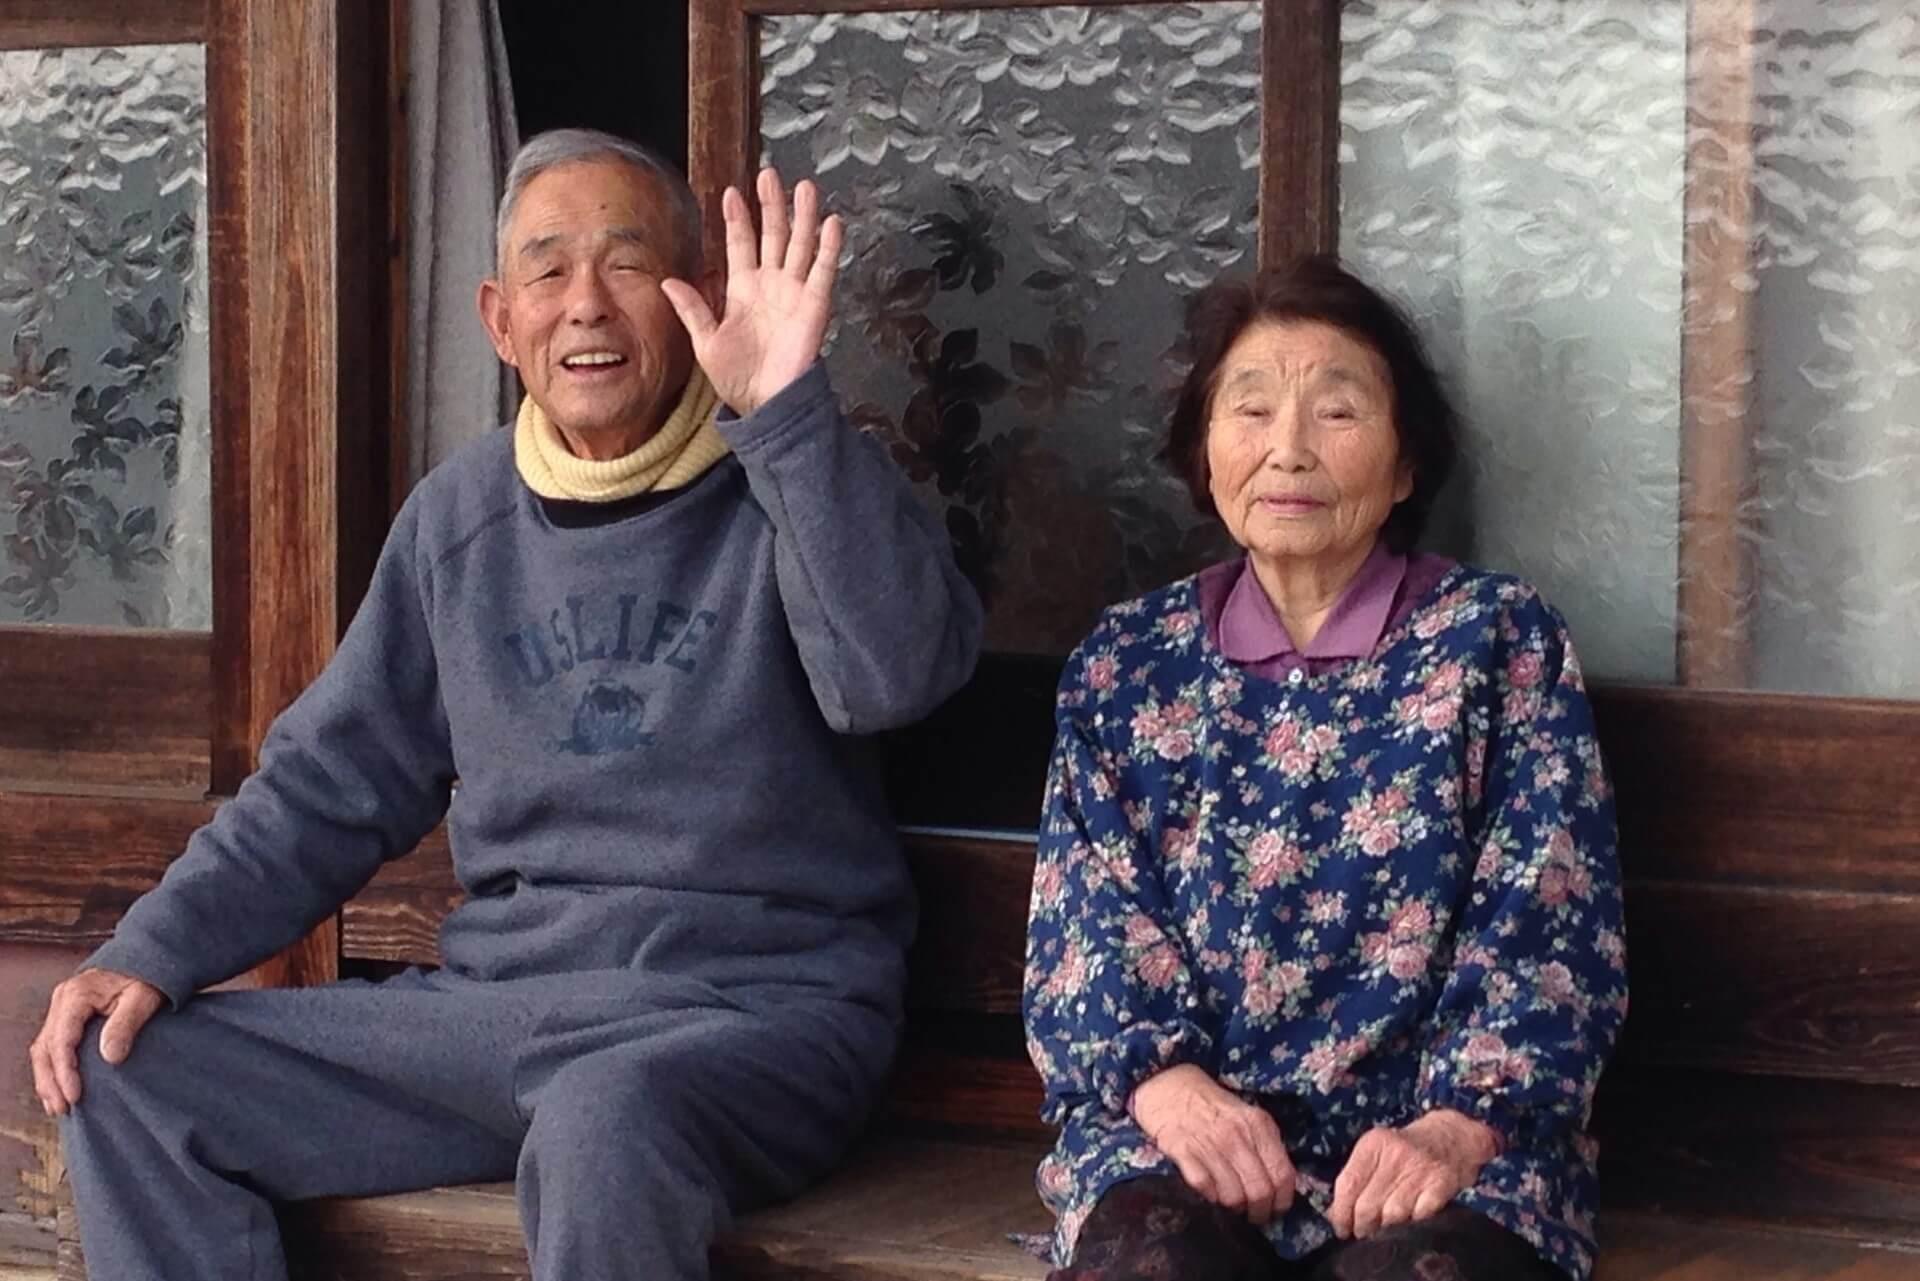 ベンチに腰掛けてこちらに手を振っている老夫婦